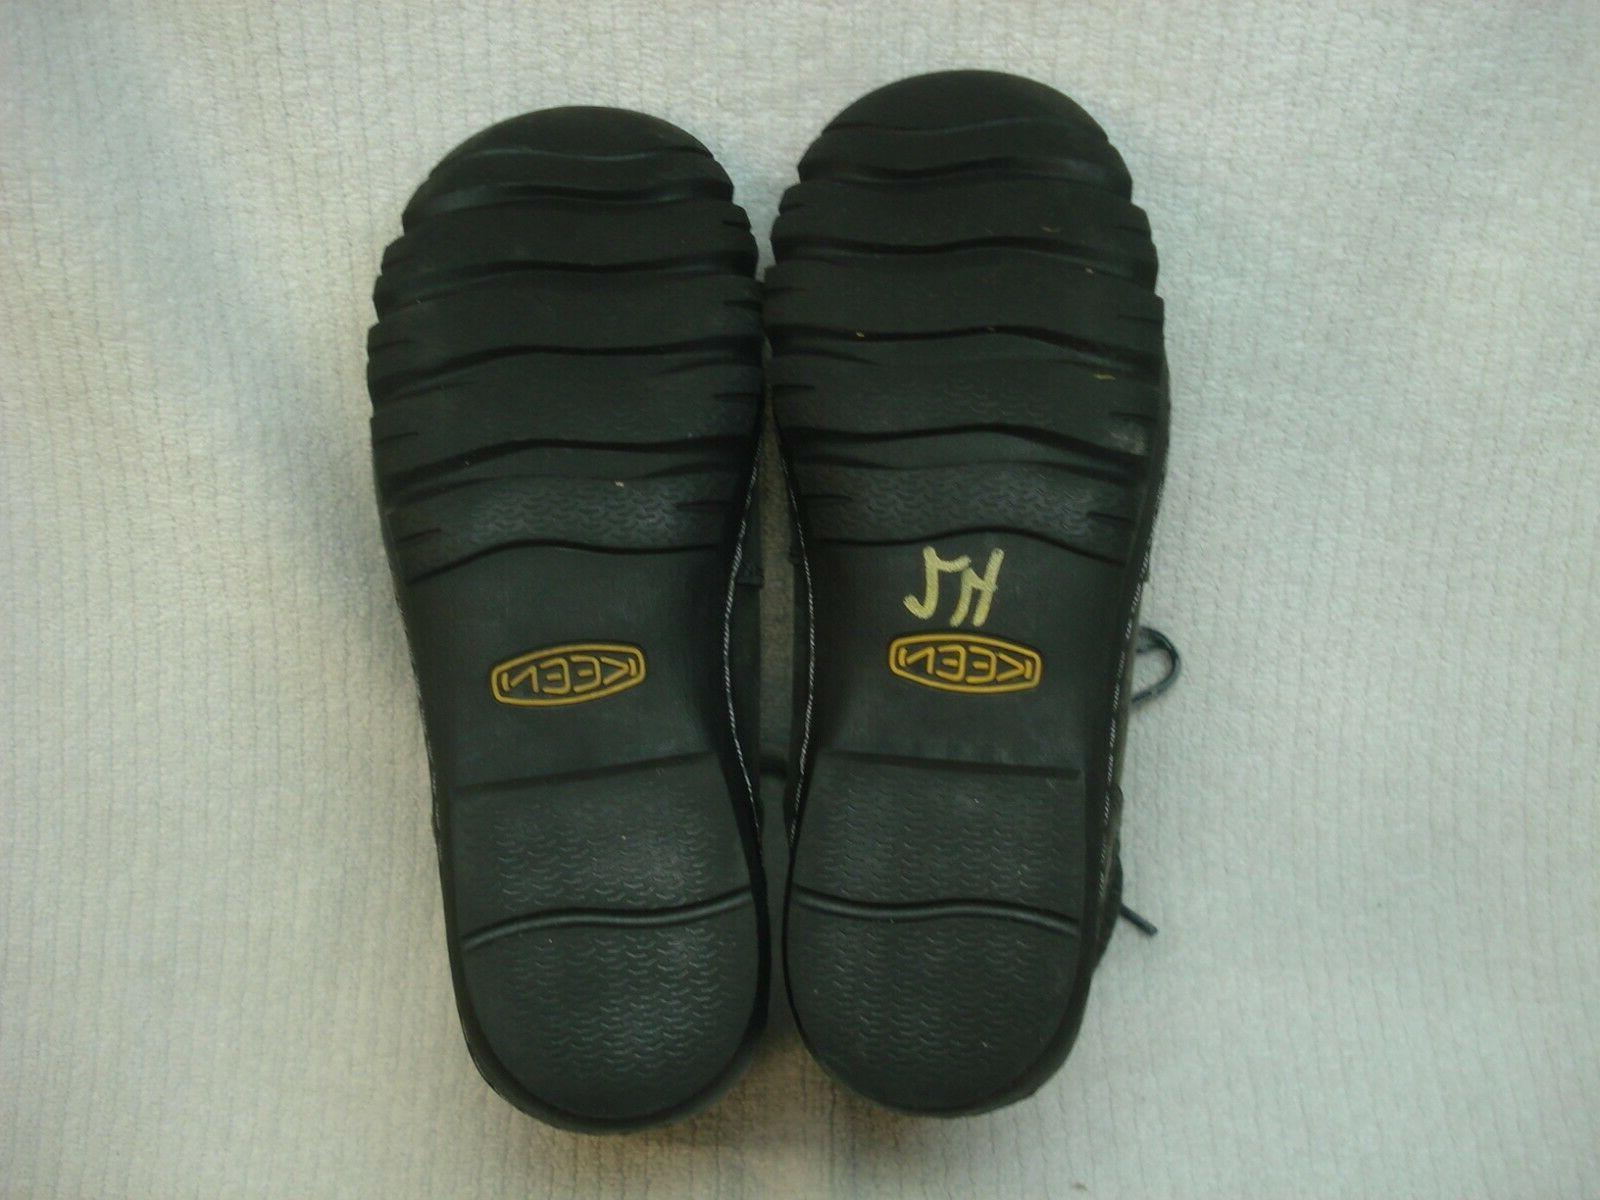 Women's waterproof winter boots size